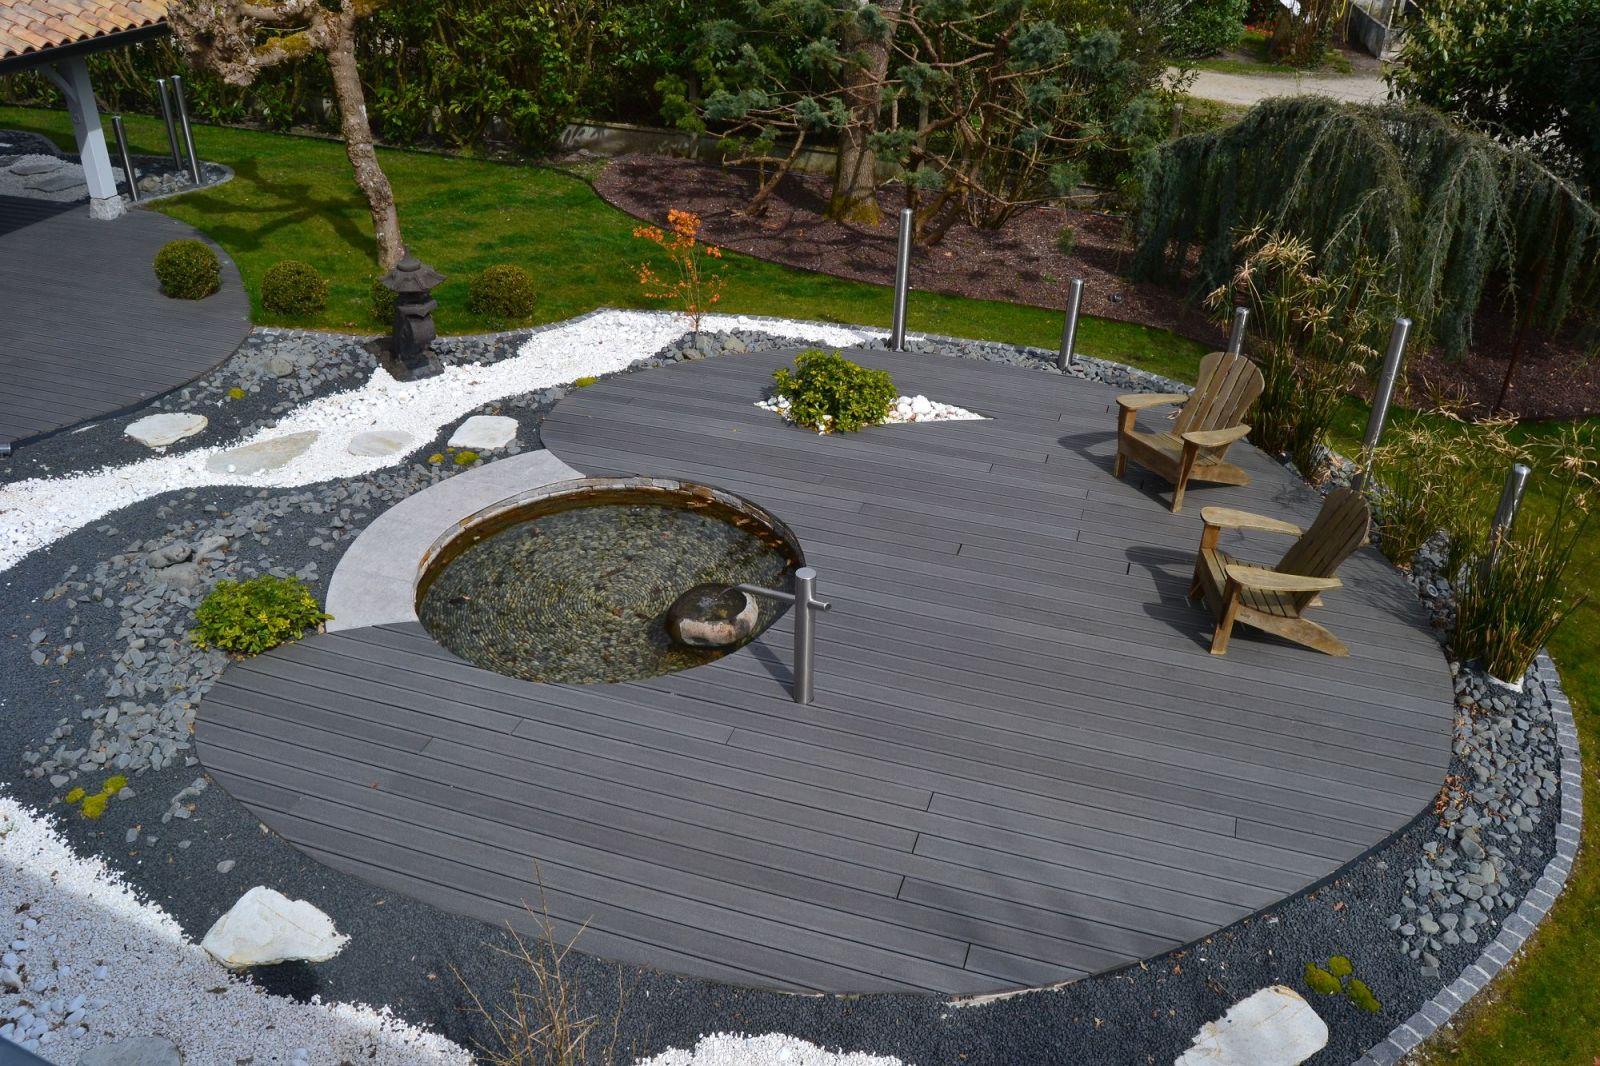 Bassin De Jardin Design Zen conception et aménagement d'un jardin zen par un paysagiste